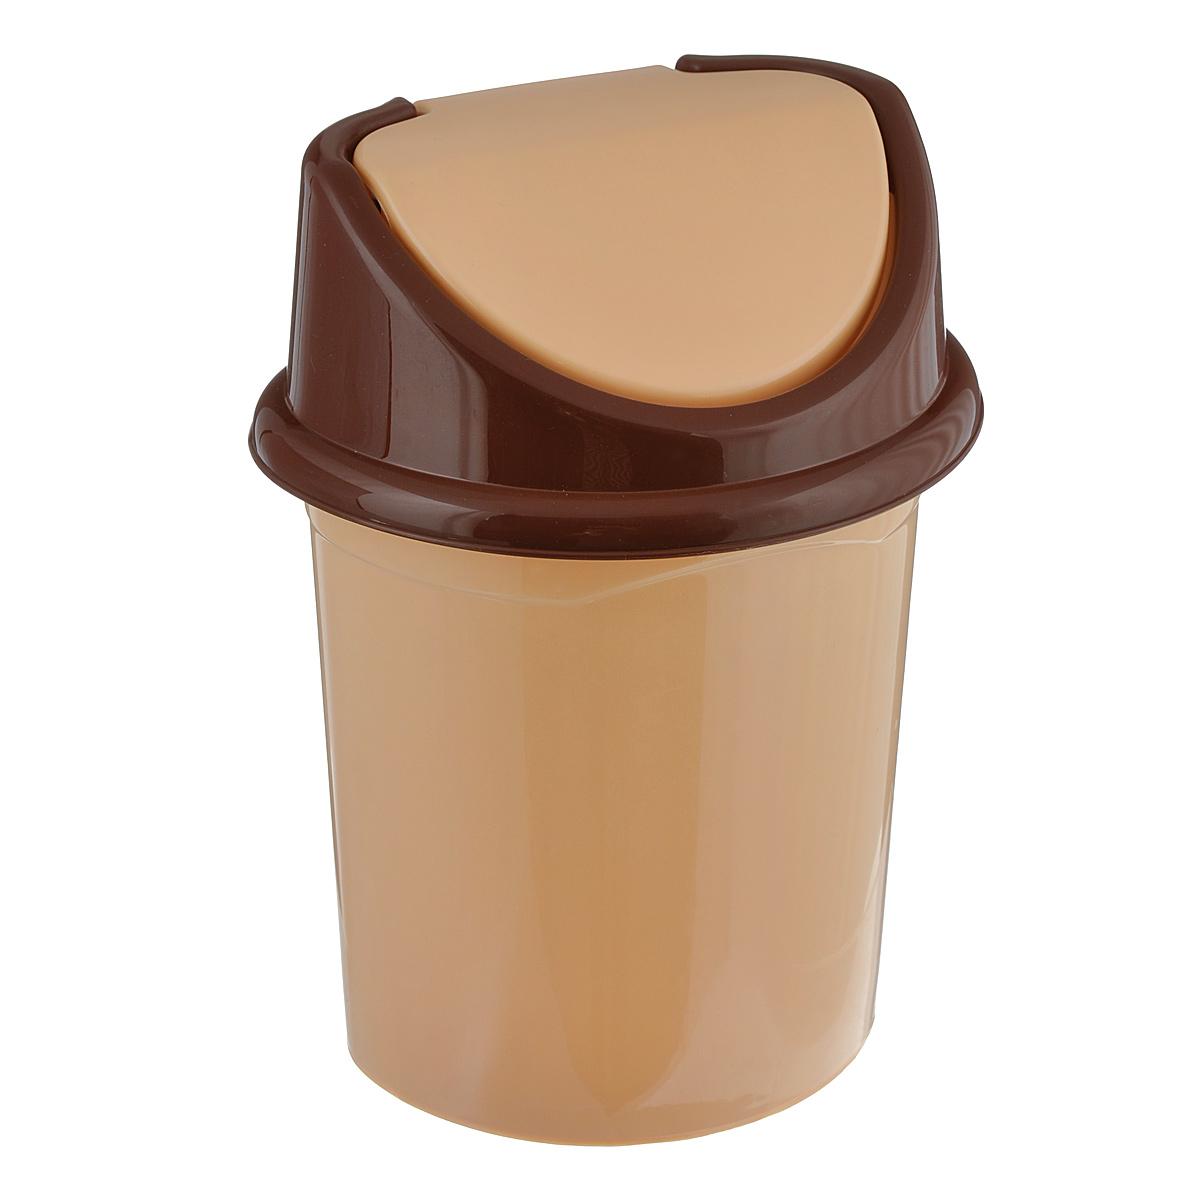 Контейнер для мусора Violet, цвет: бежевый, коричневый, 8 лUP210DFКонтейнер для мусора Violet изготовлен из прочного пластика. Контейнер снабжен удобной съемной крышкой с подвижной перегородкой. В нем удобно хранить мелкий мусор. Благодаря лаконичному дизайну такой контейнер идеально впишется в интерьер и дома, и офиса.